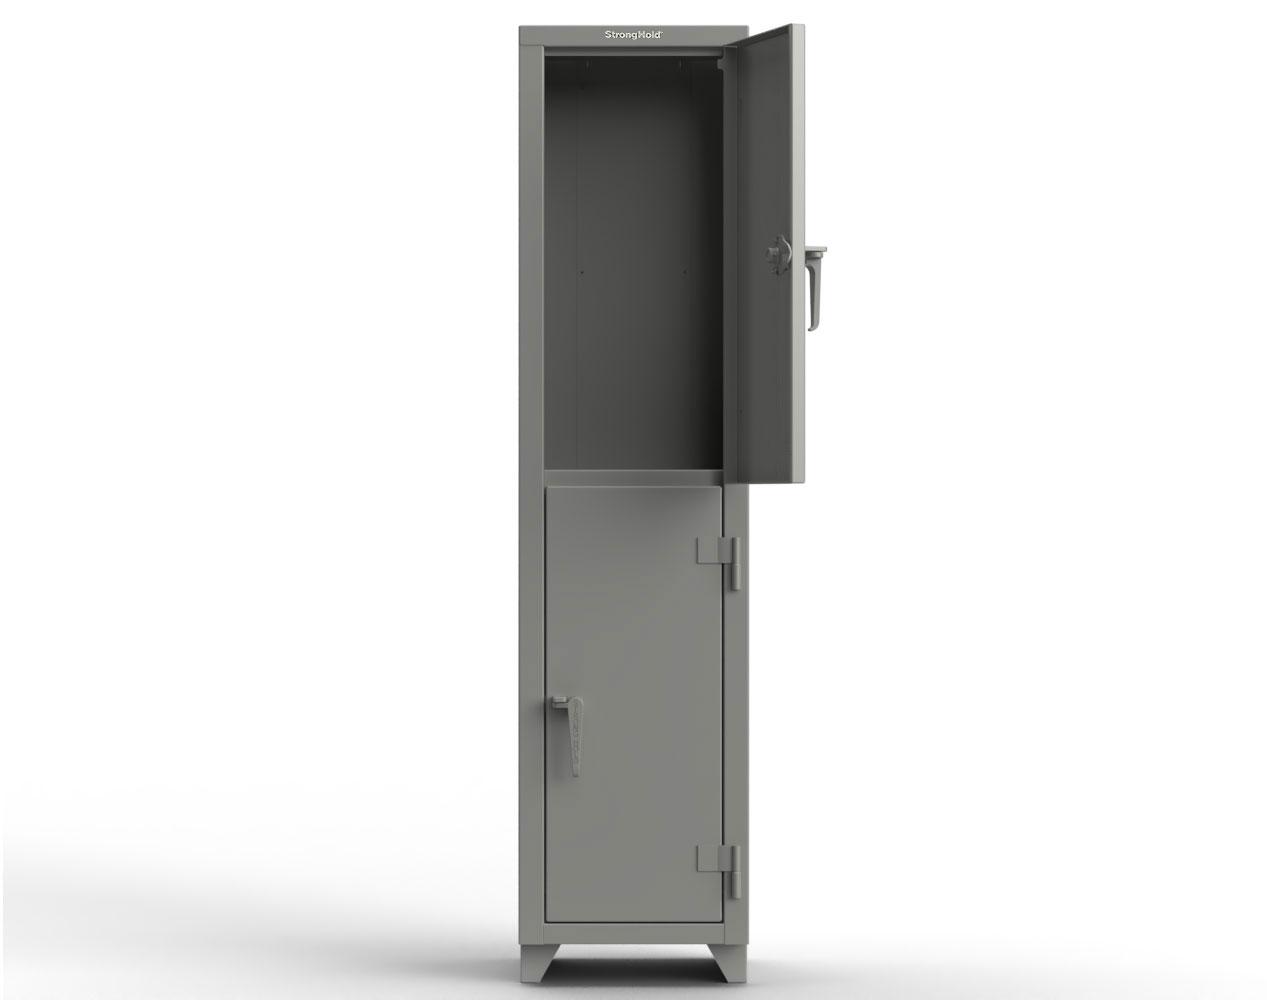 Extra Heavy Duty 14 GA Double-Tier Locker, 2 Compartments – 18 in. W x 18 in. D x 75 in. H